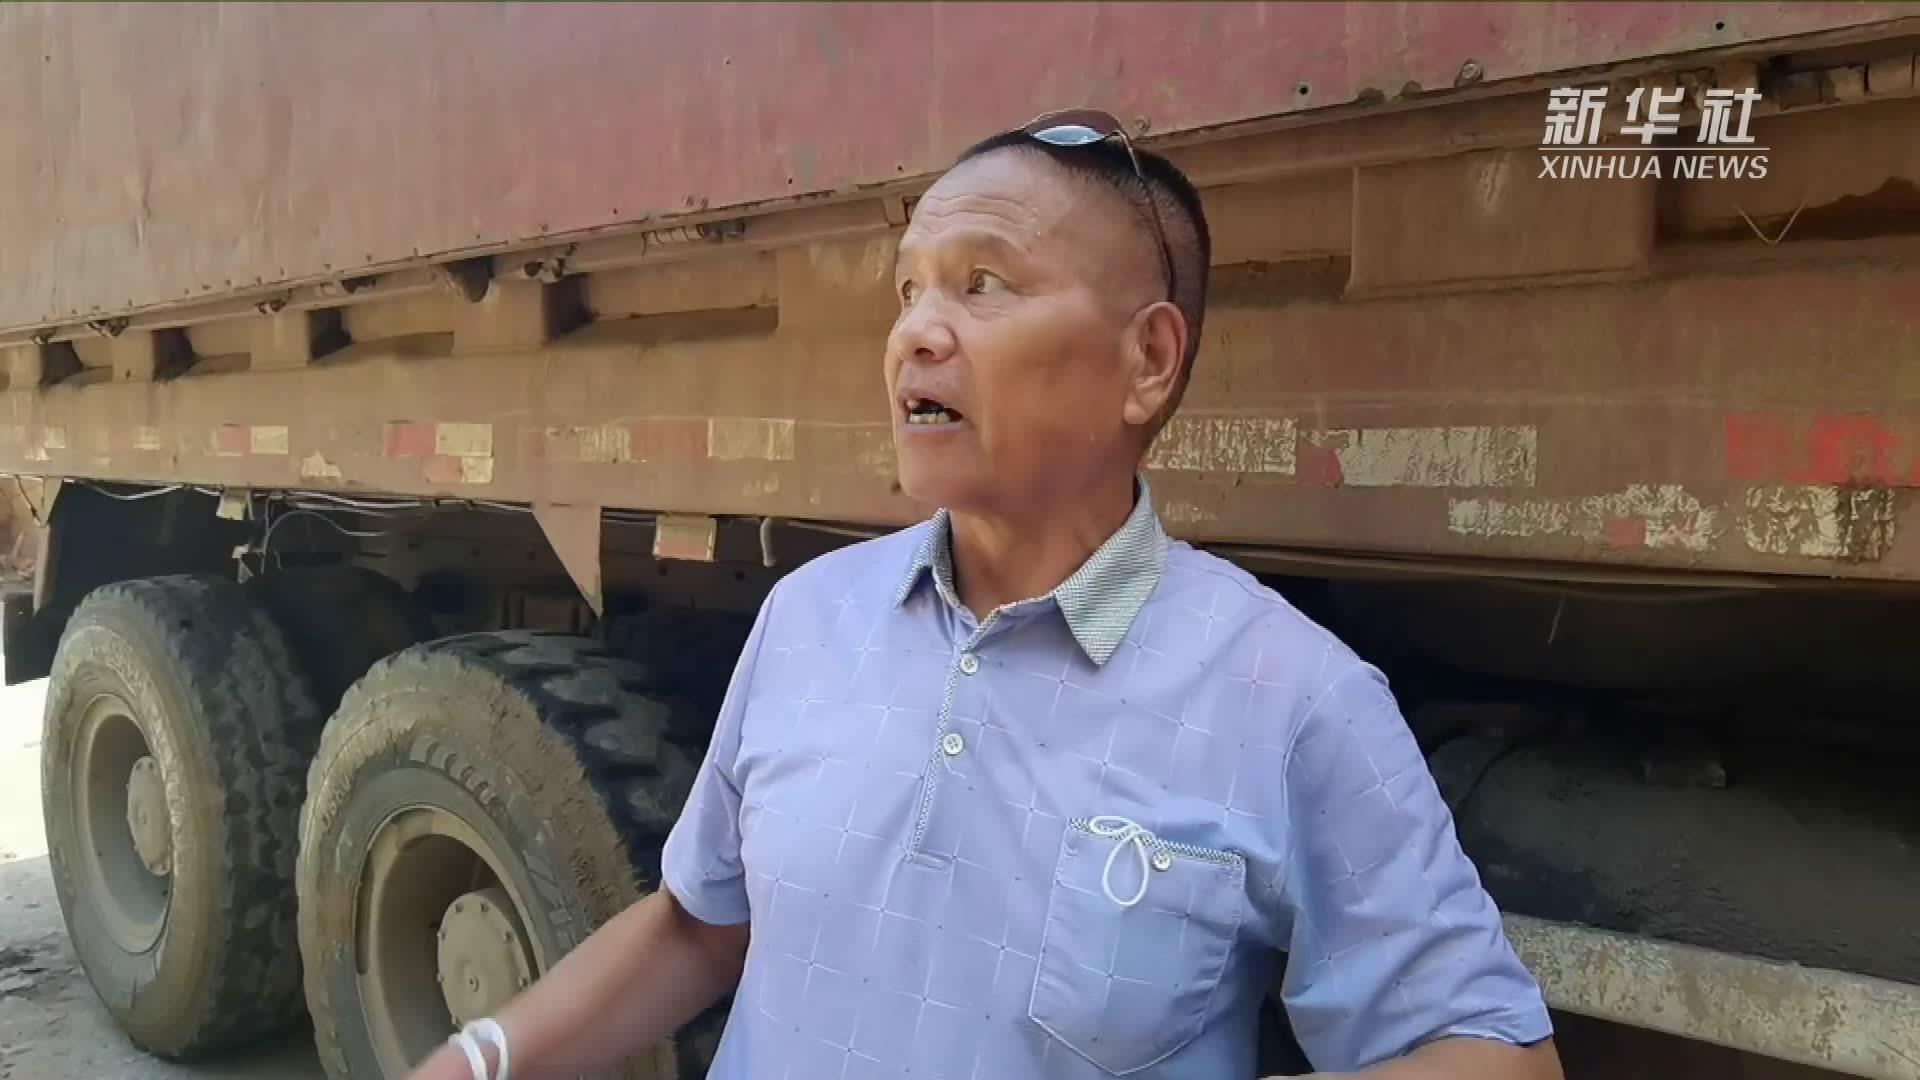 新华全媒+|基础设施损毁严重 受灾群众已被妥善安置——直击西安市蓝田县暴雨受灾一线